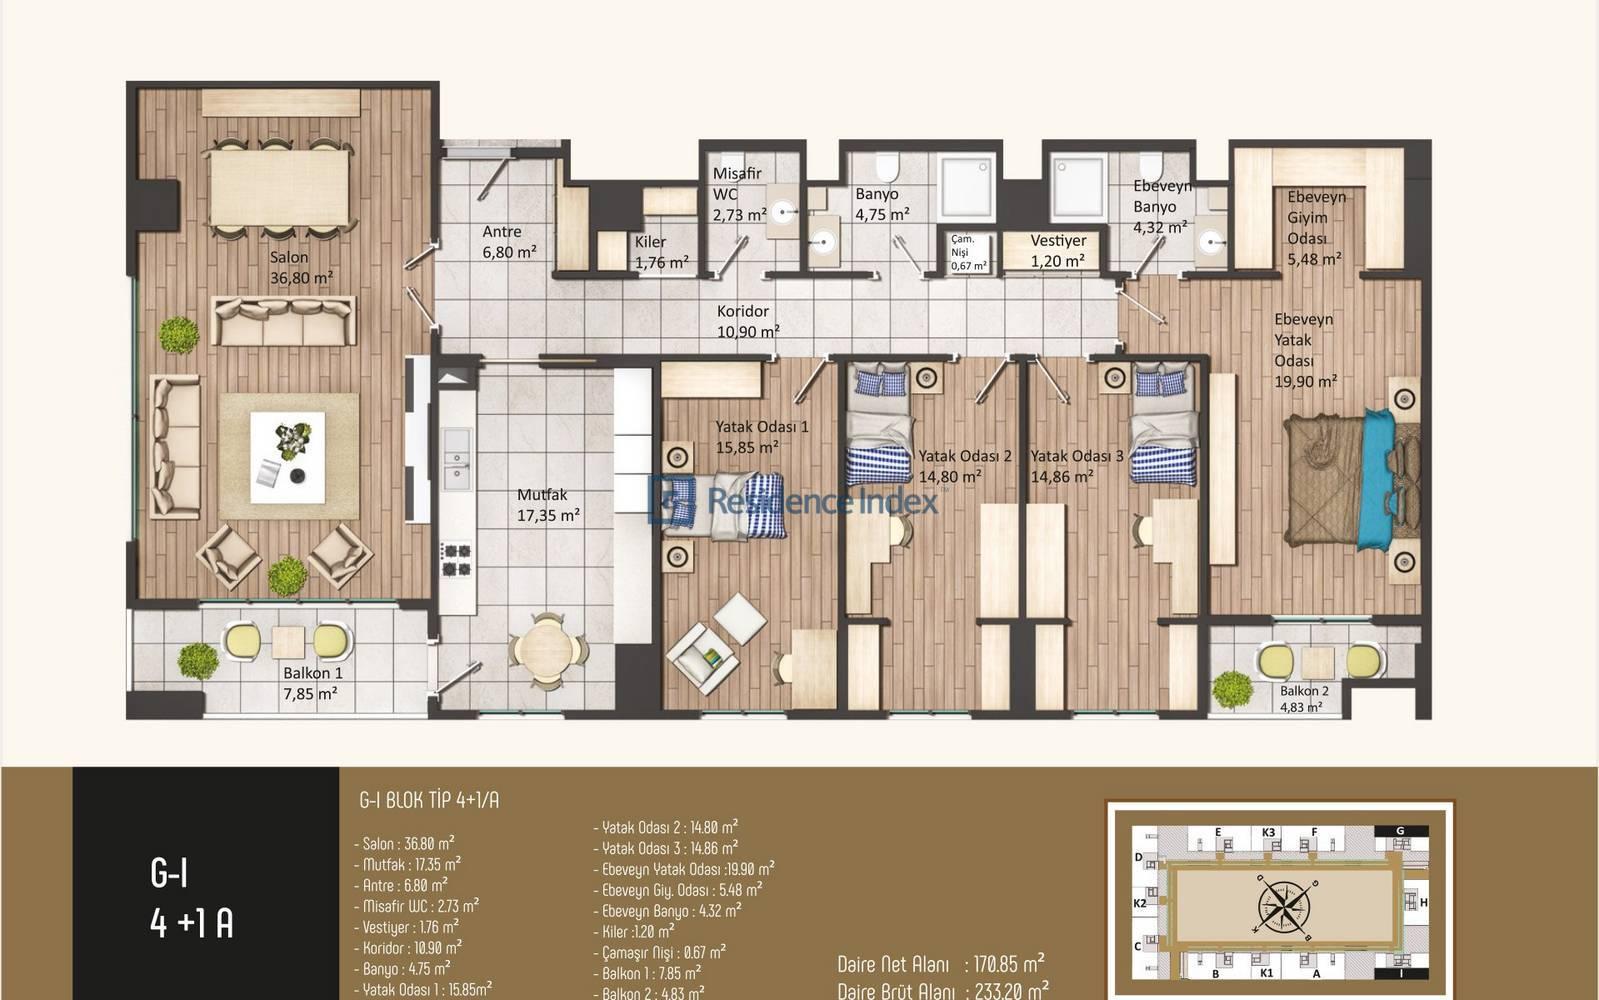 Kameroğlu Metrohome Residence 4+1 A